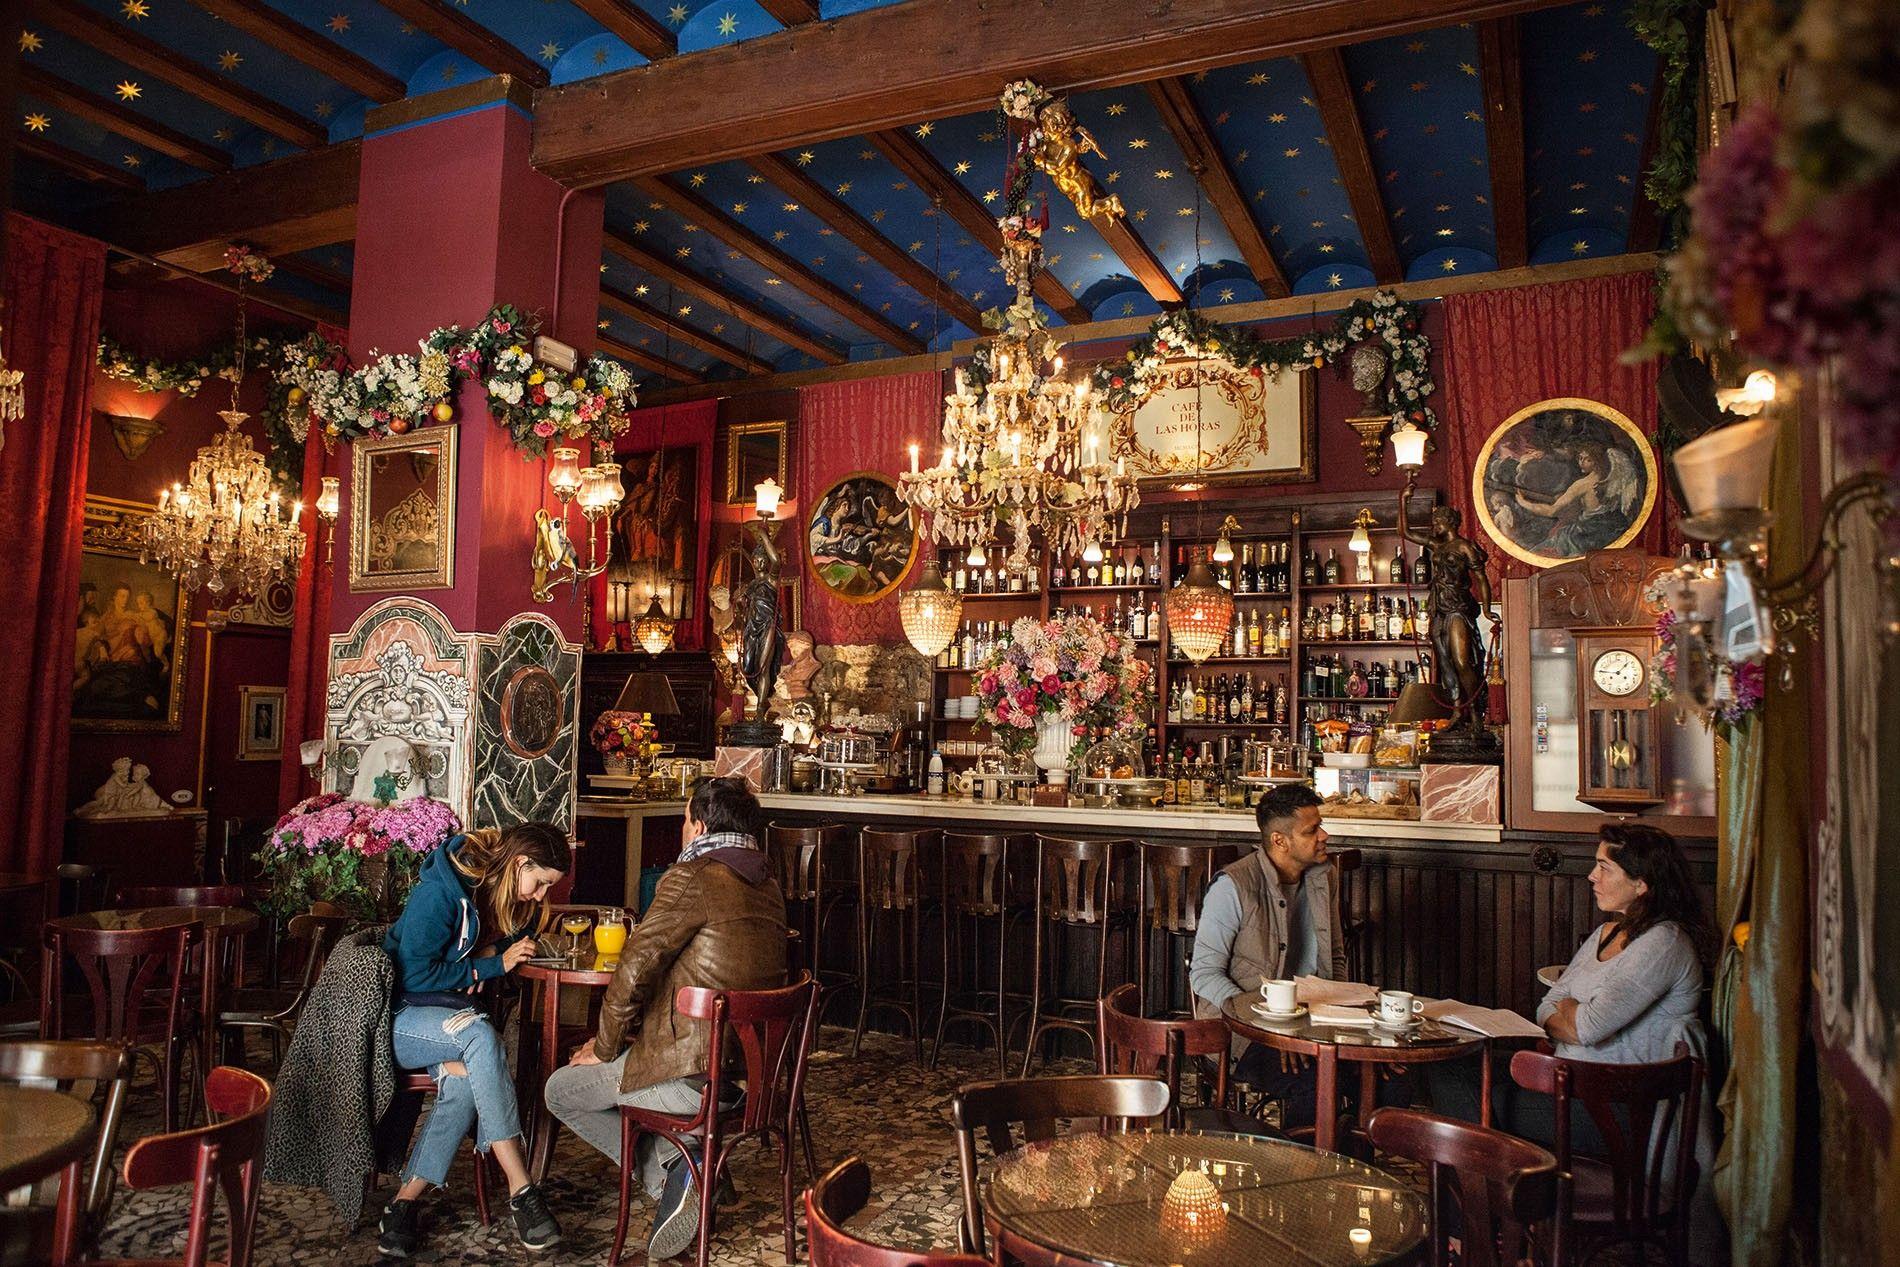 Café de las Horas interior.